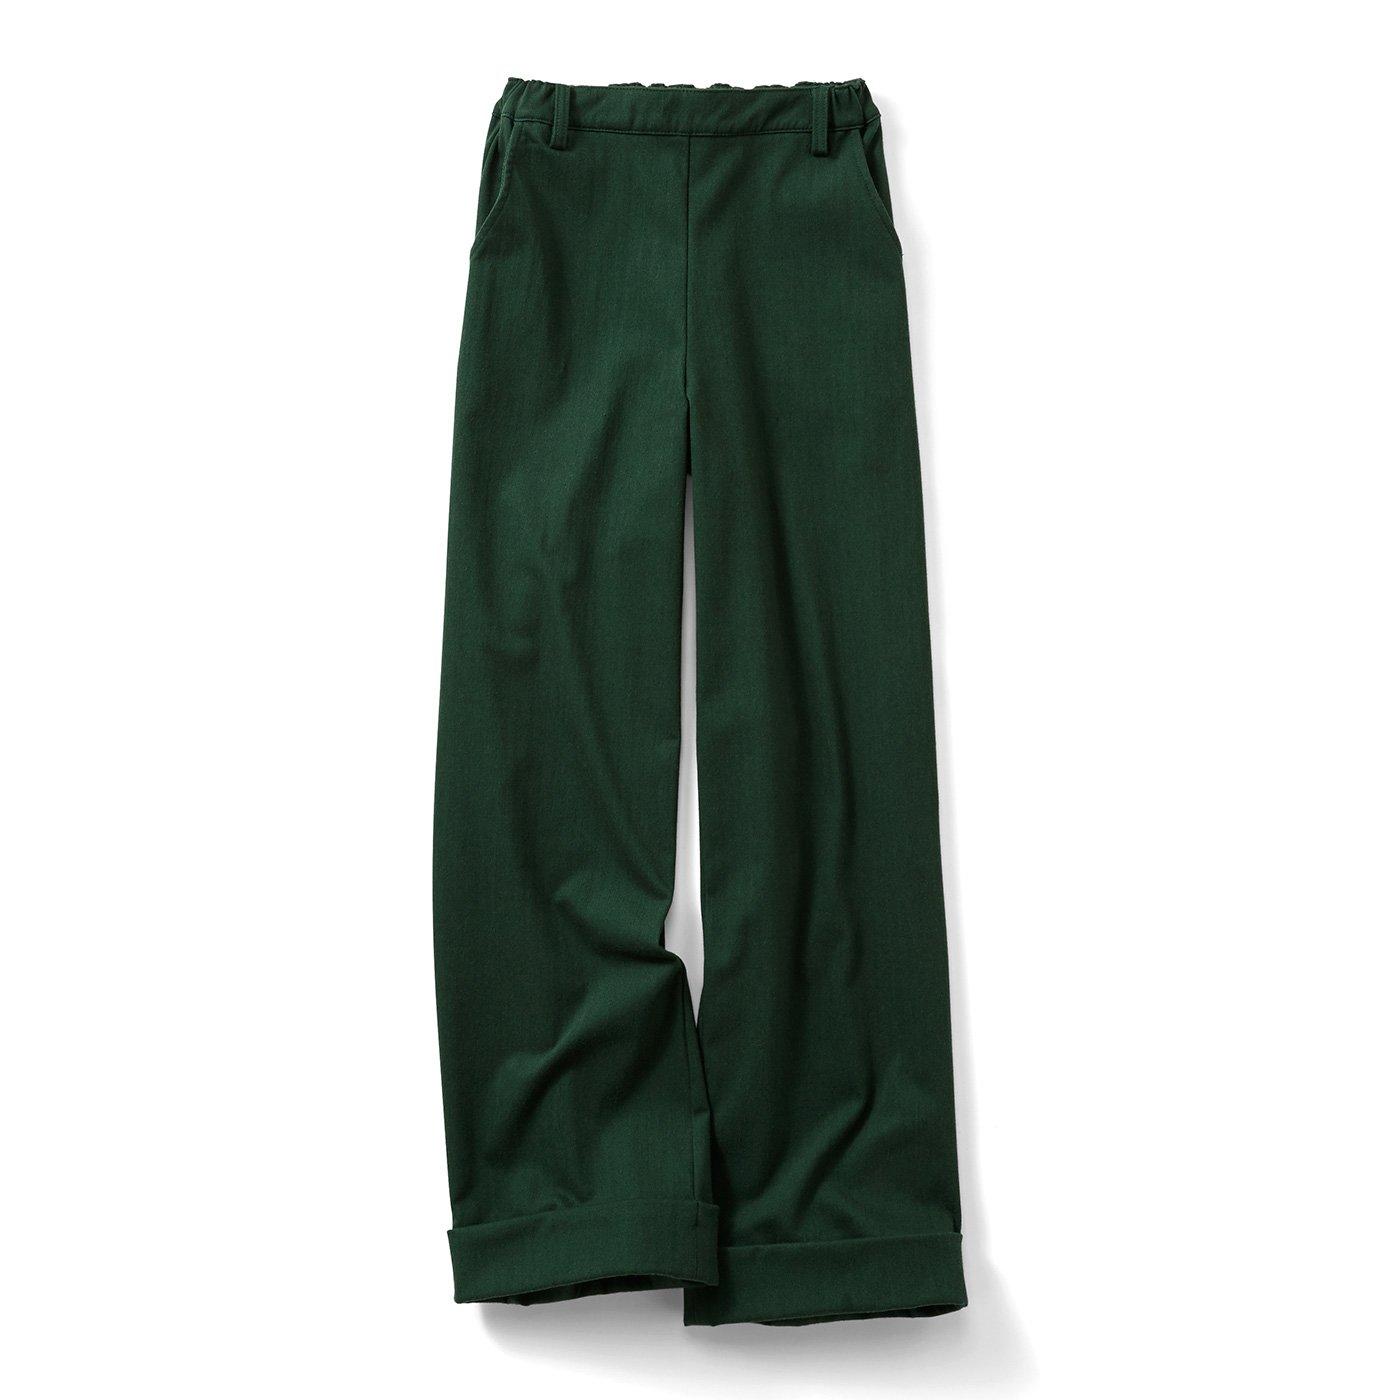 リブ イン コンフォート 厚手で伸びやかなはき心地 きれいめワイドプルオンパンツ〈グリーン〉